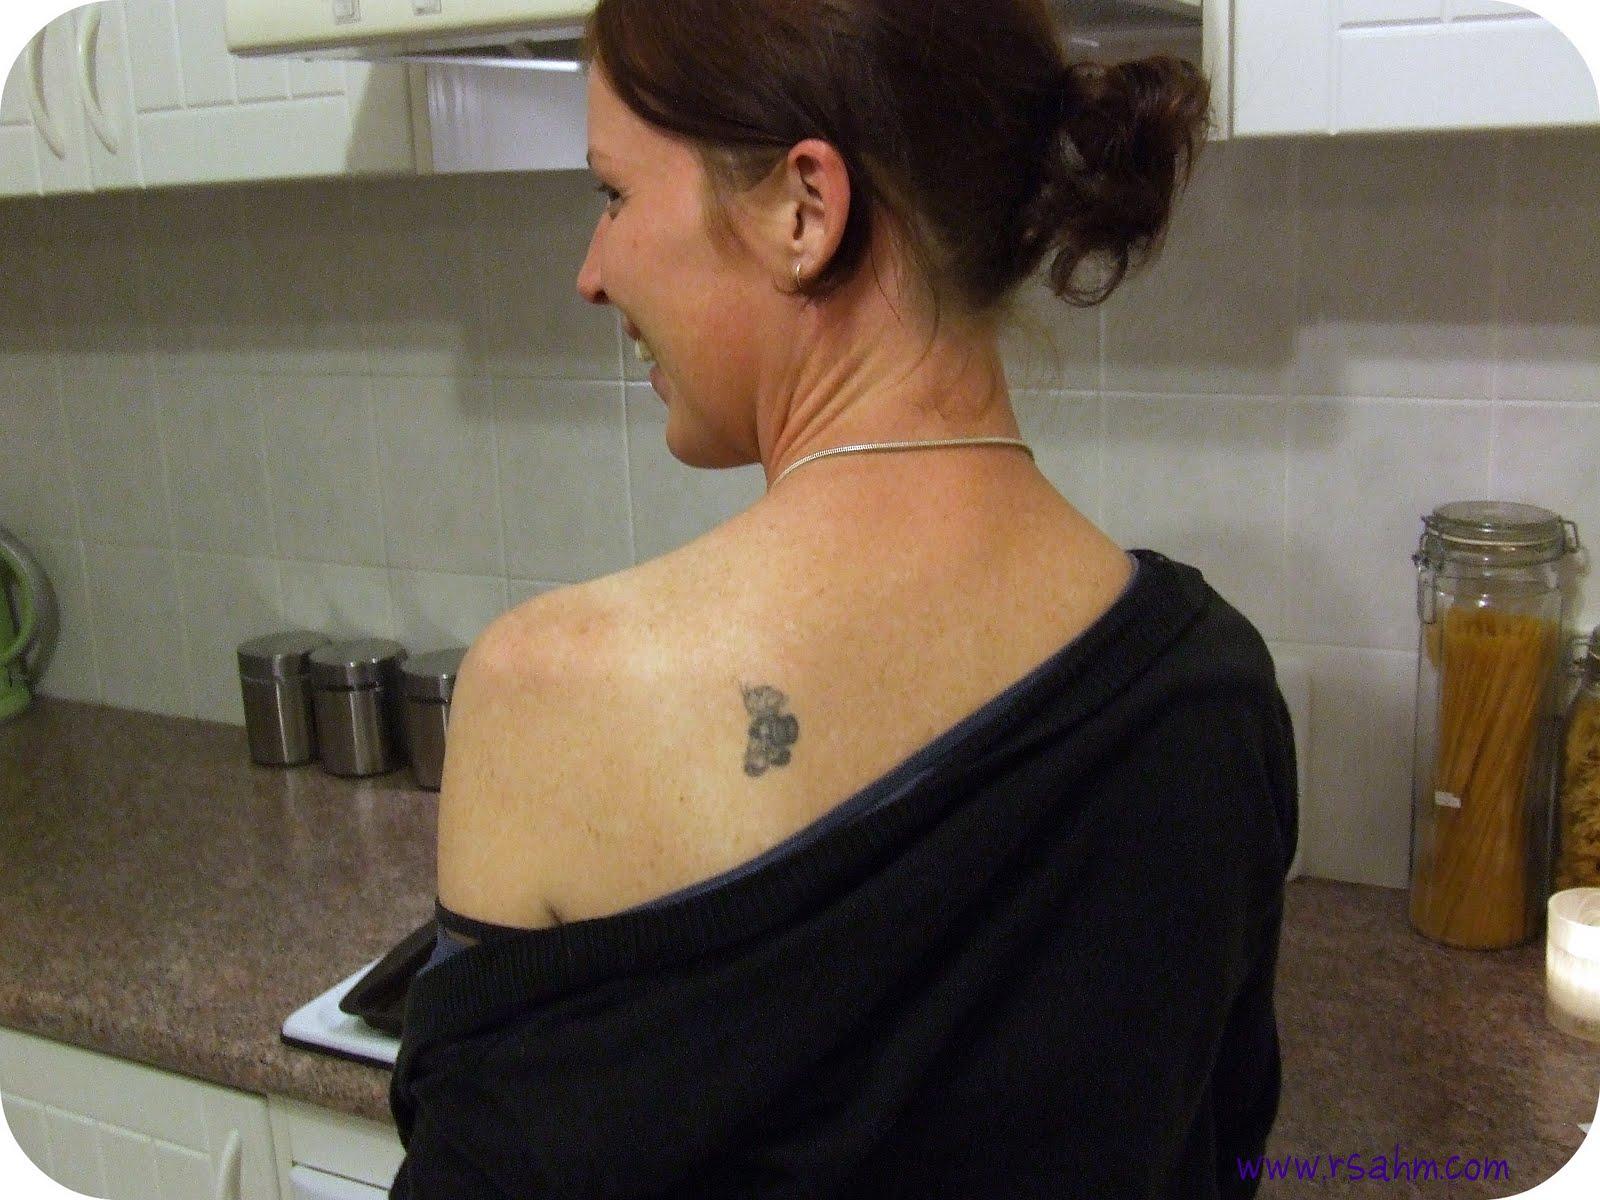 http://1.bp.blogspot.com/_DlRGzY1sgms/TC8c24i0gbI/AAAAAAAABLs/4wKwpbKYtHw/s1600/tattoo2.jpg